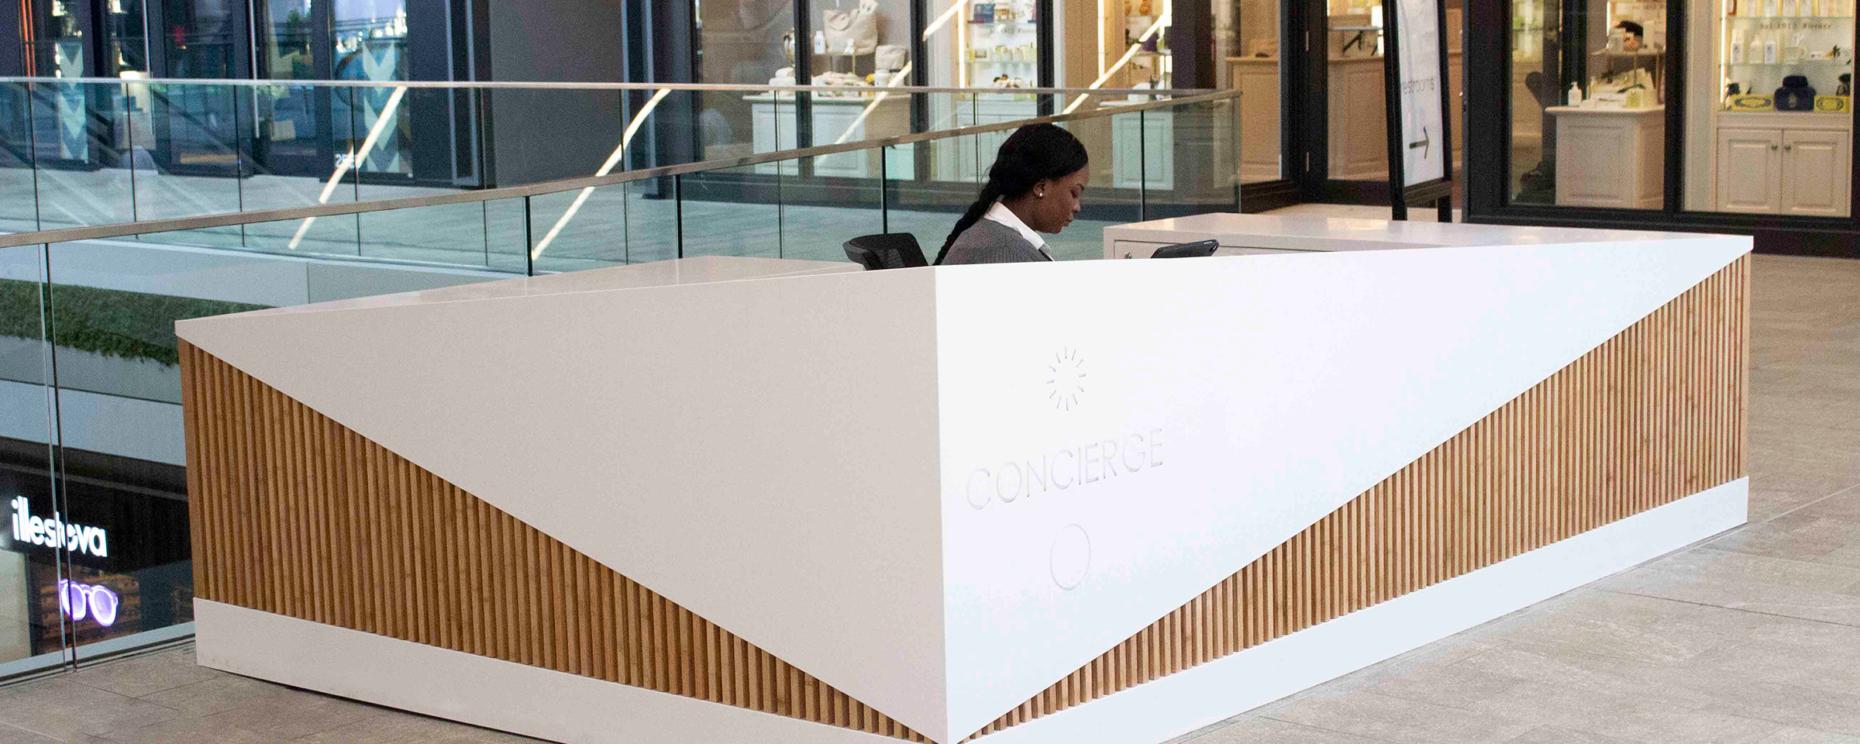 Brickell City Centre. Custom Avonite Super White and Bamboo Concierge Desk